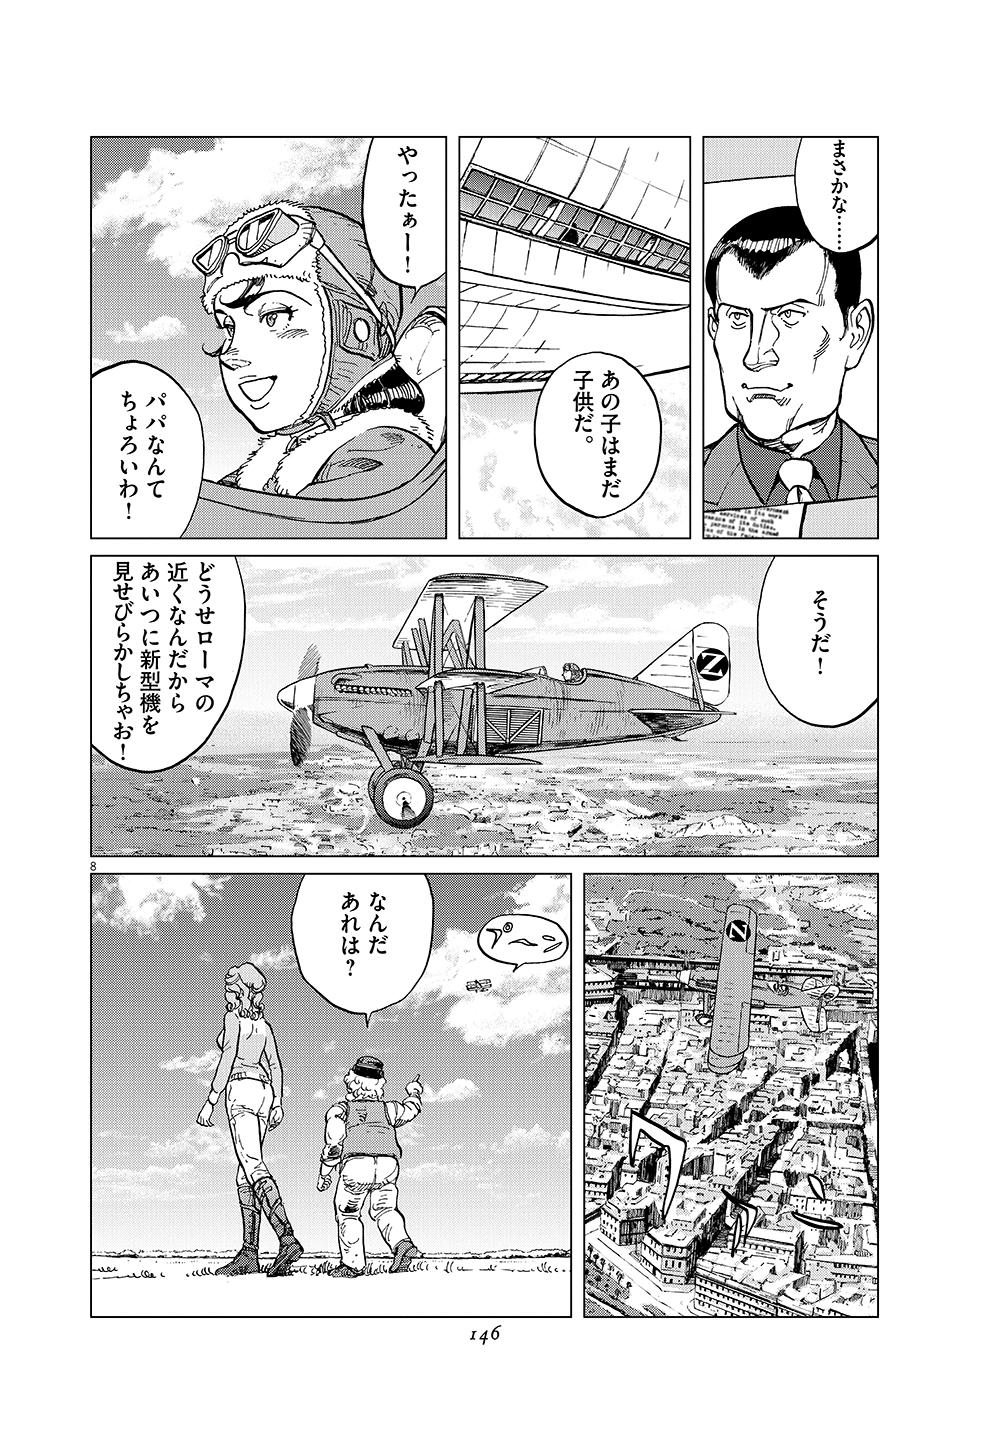 女流飛行士マリア・マンテガッツァの冒険 第十九話8ページ目画像